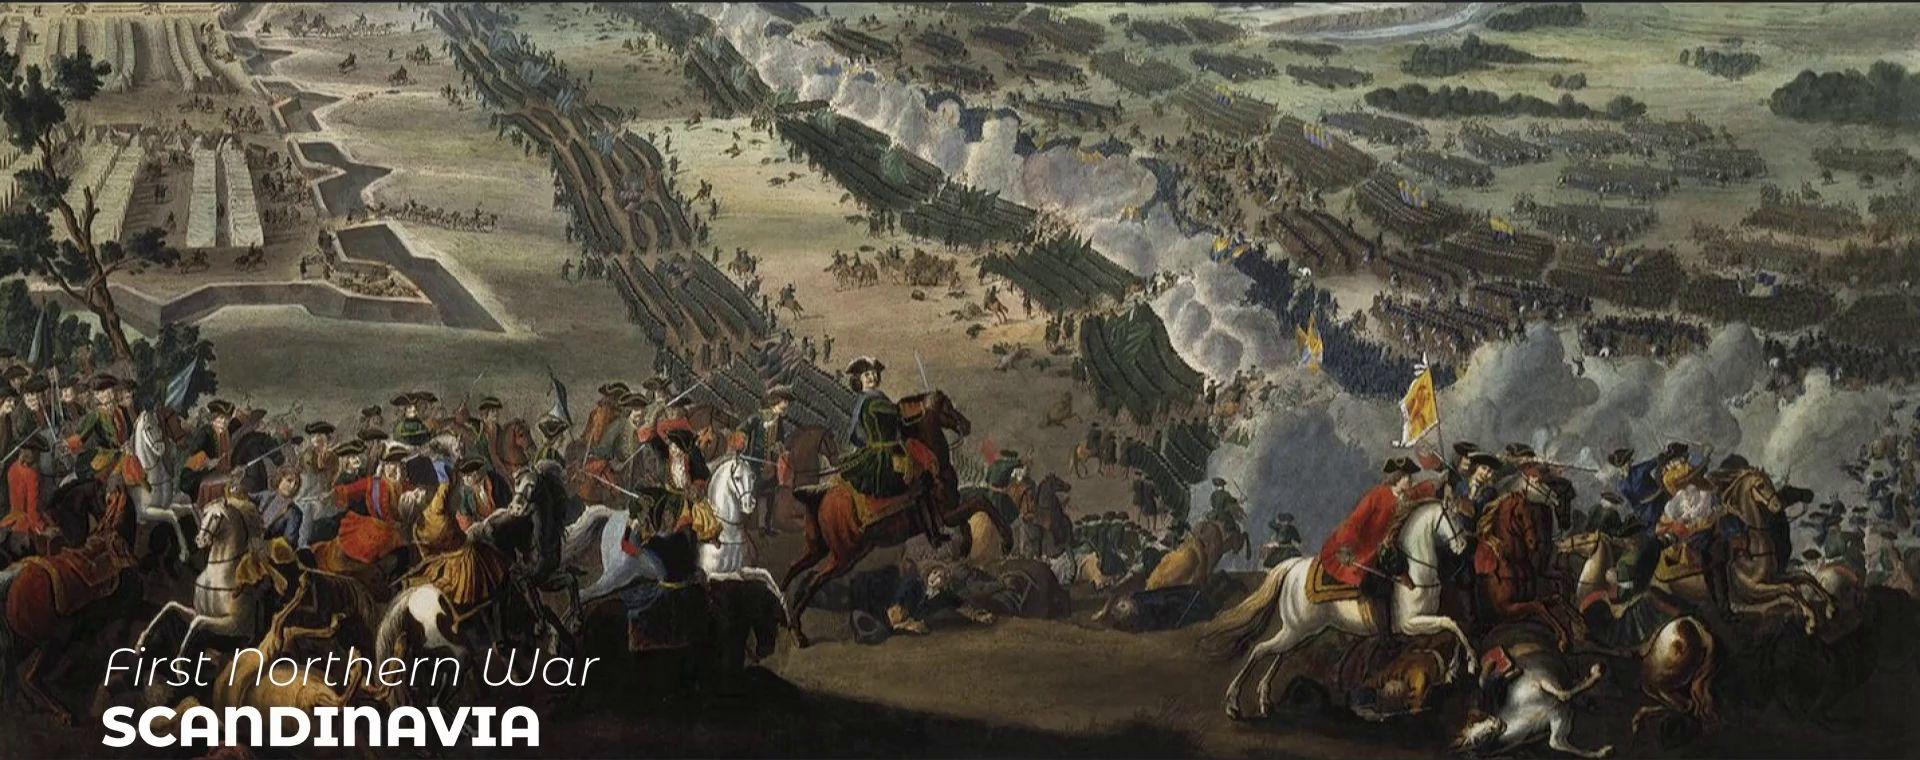 FIRST NORTHERN WAR